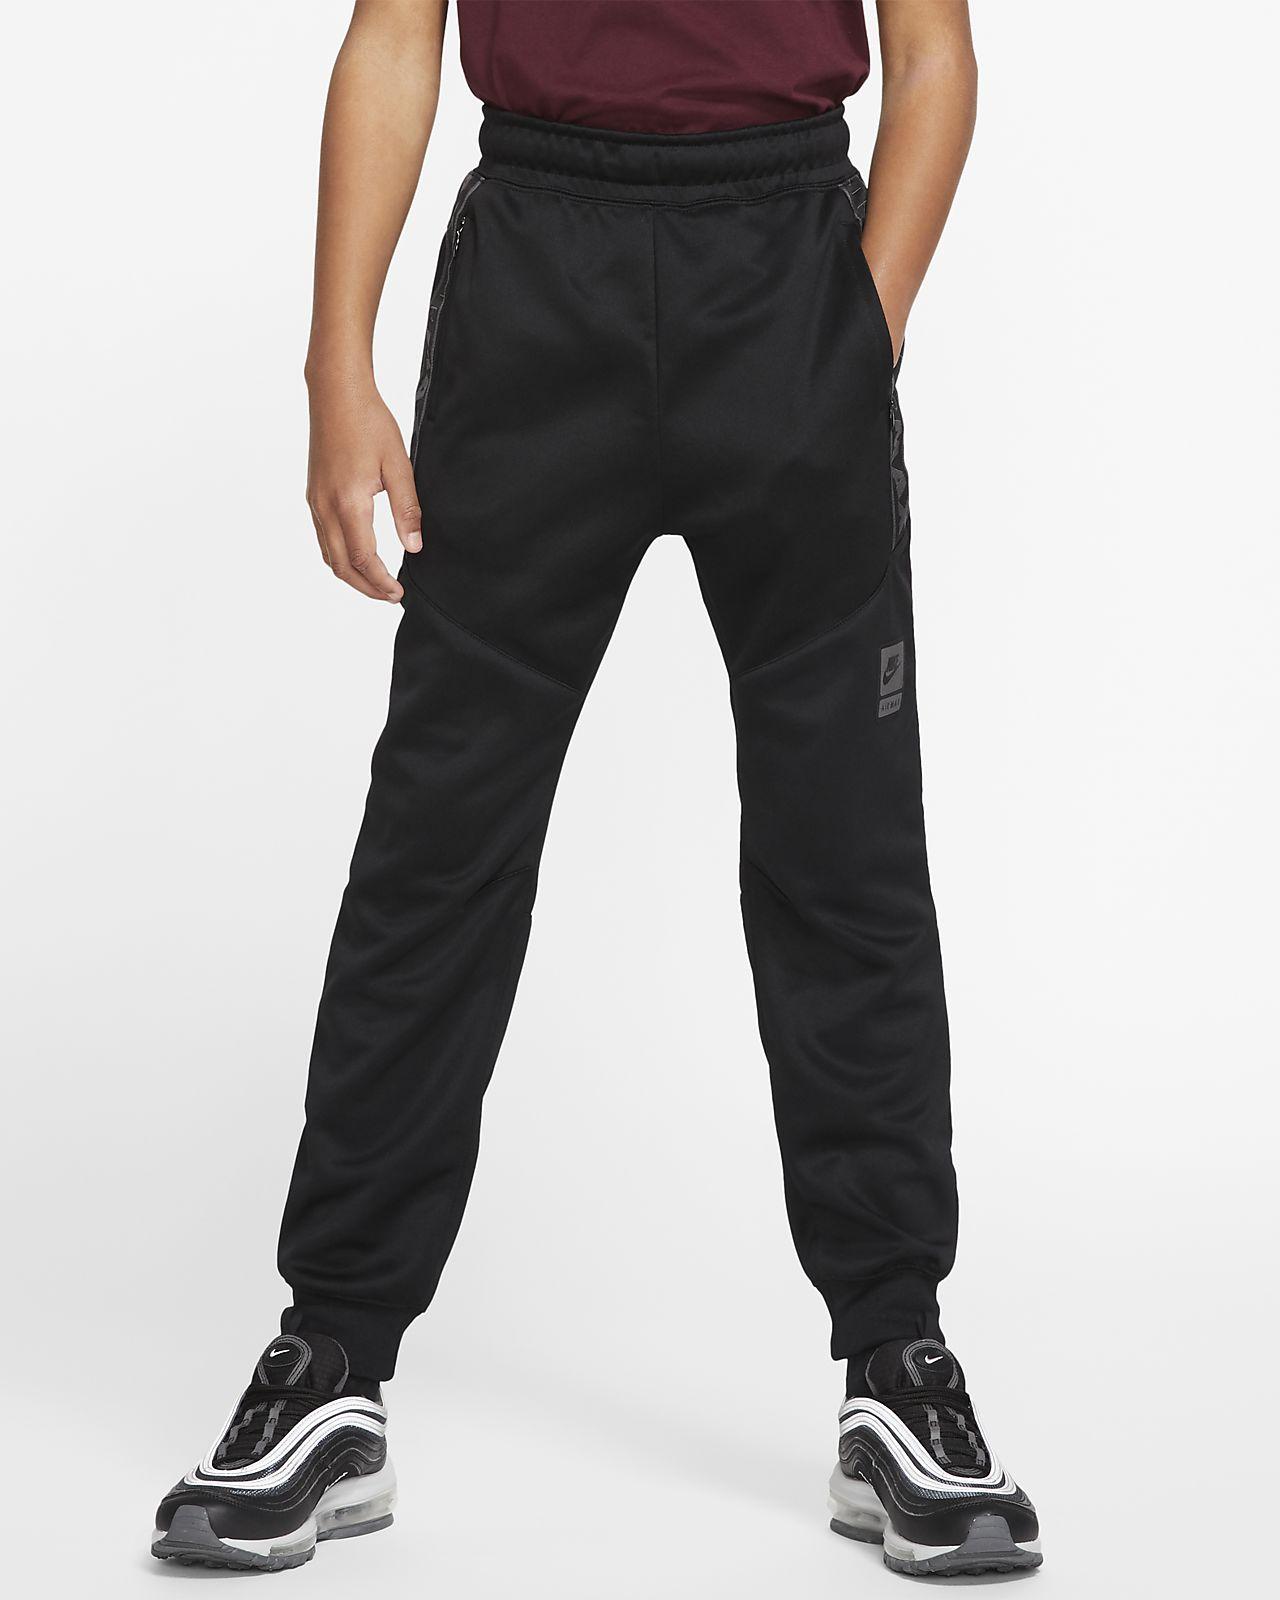 Calças Nike Sportswear Air Max Júnior (Rapaz)